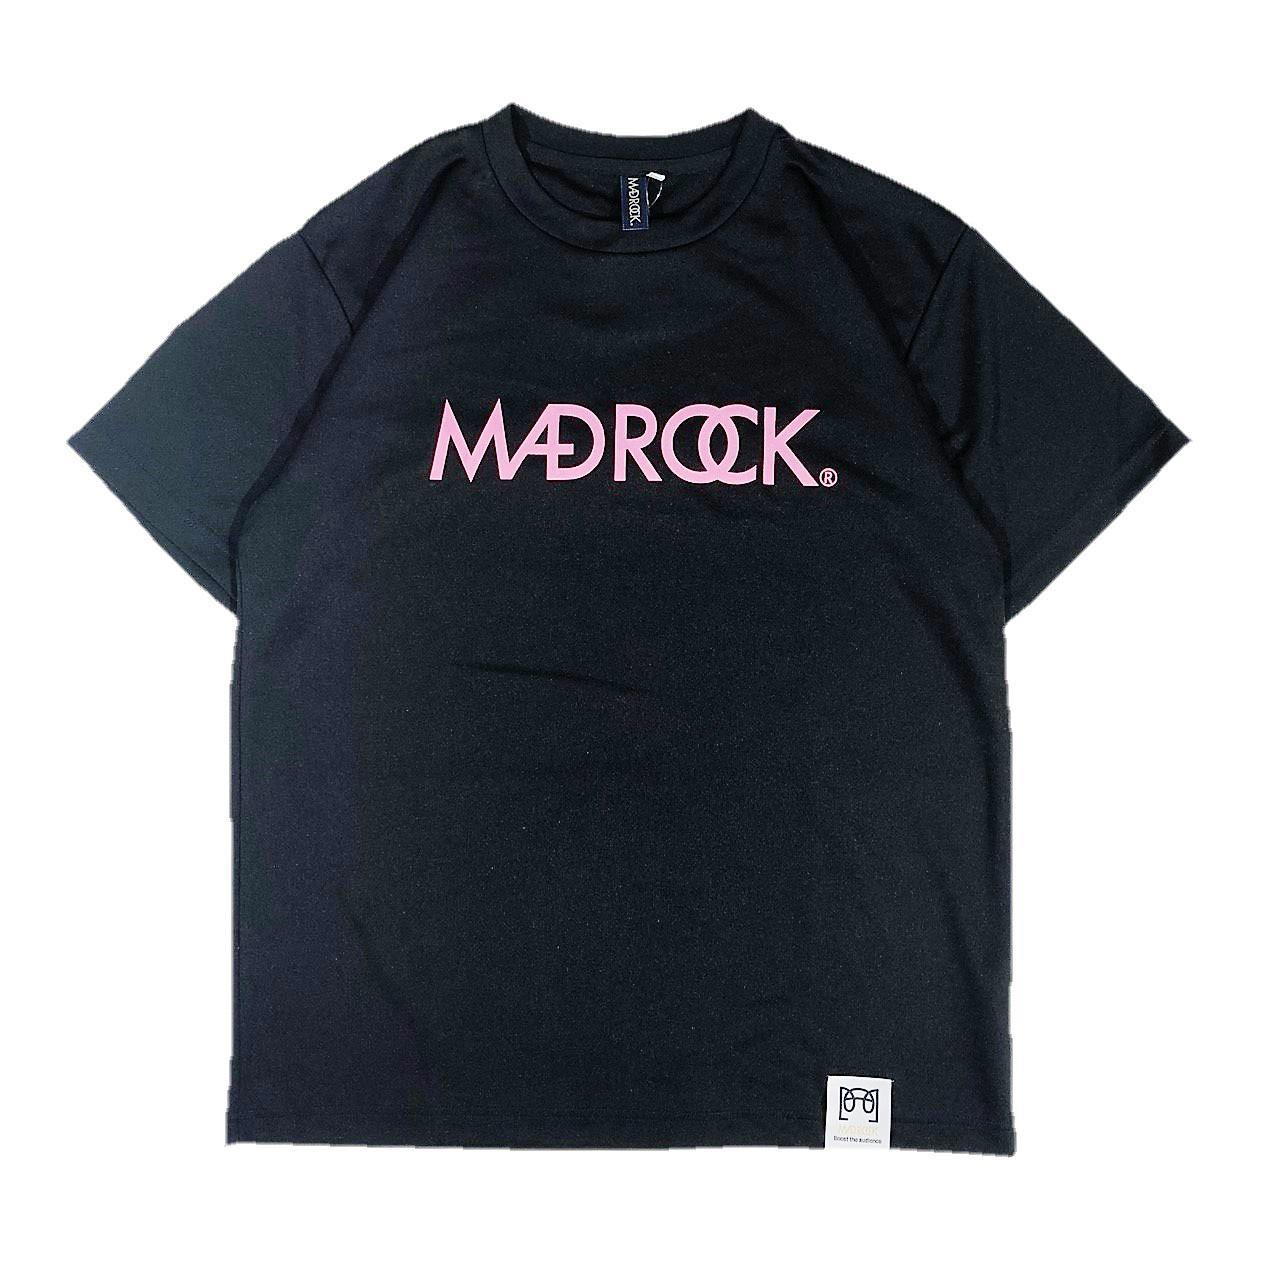 マッドロックロゴ Tシャツ/ドライタイプ/ブラック&ピンク